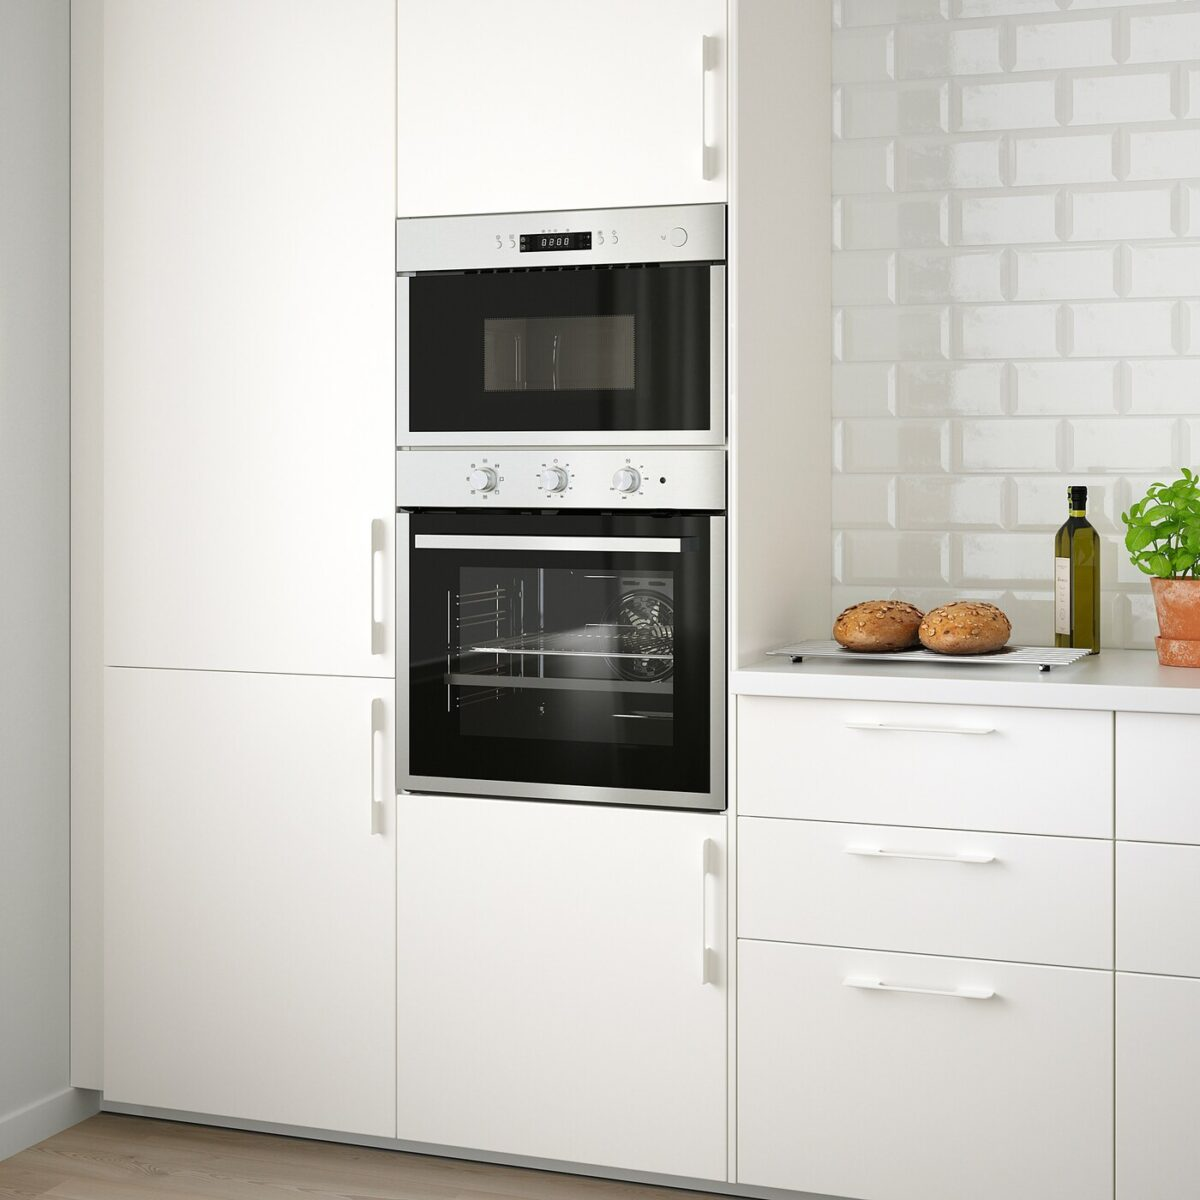 gli-elettrodomestici-indispensabili-in-cucina-2